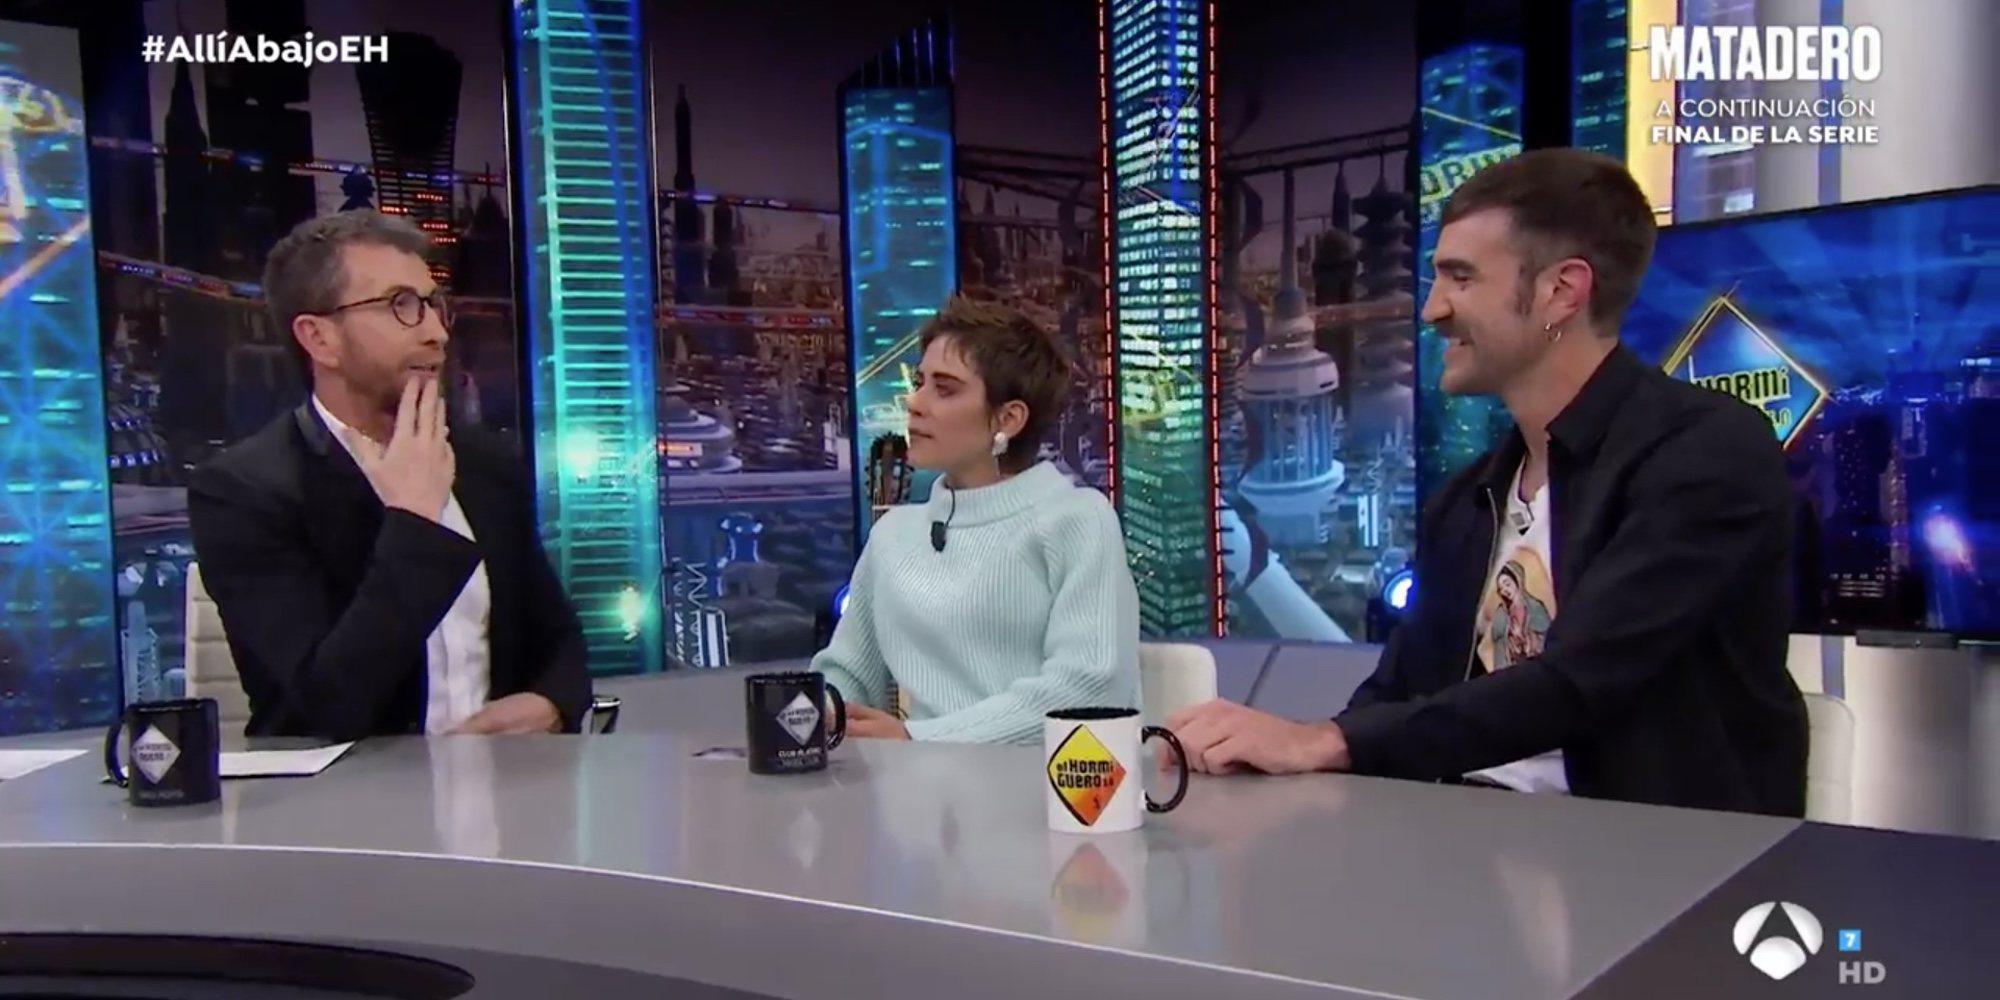 María León y Jon Plazaola confiesan que ha habido romances en el rodaje de la nueva temporada de 'Allí Abajo'